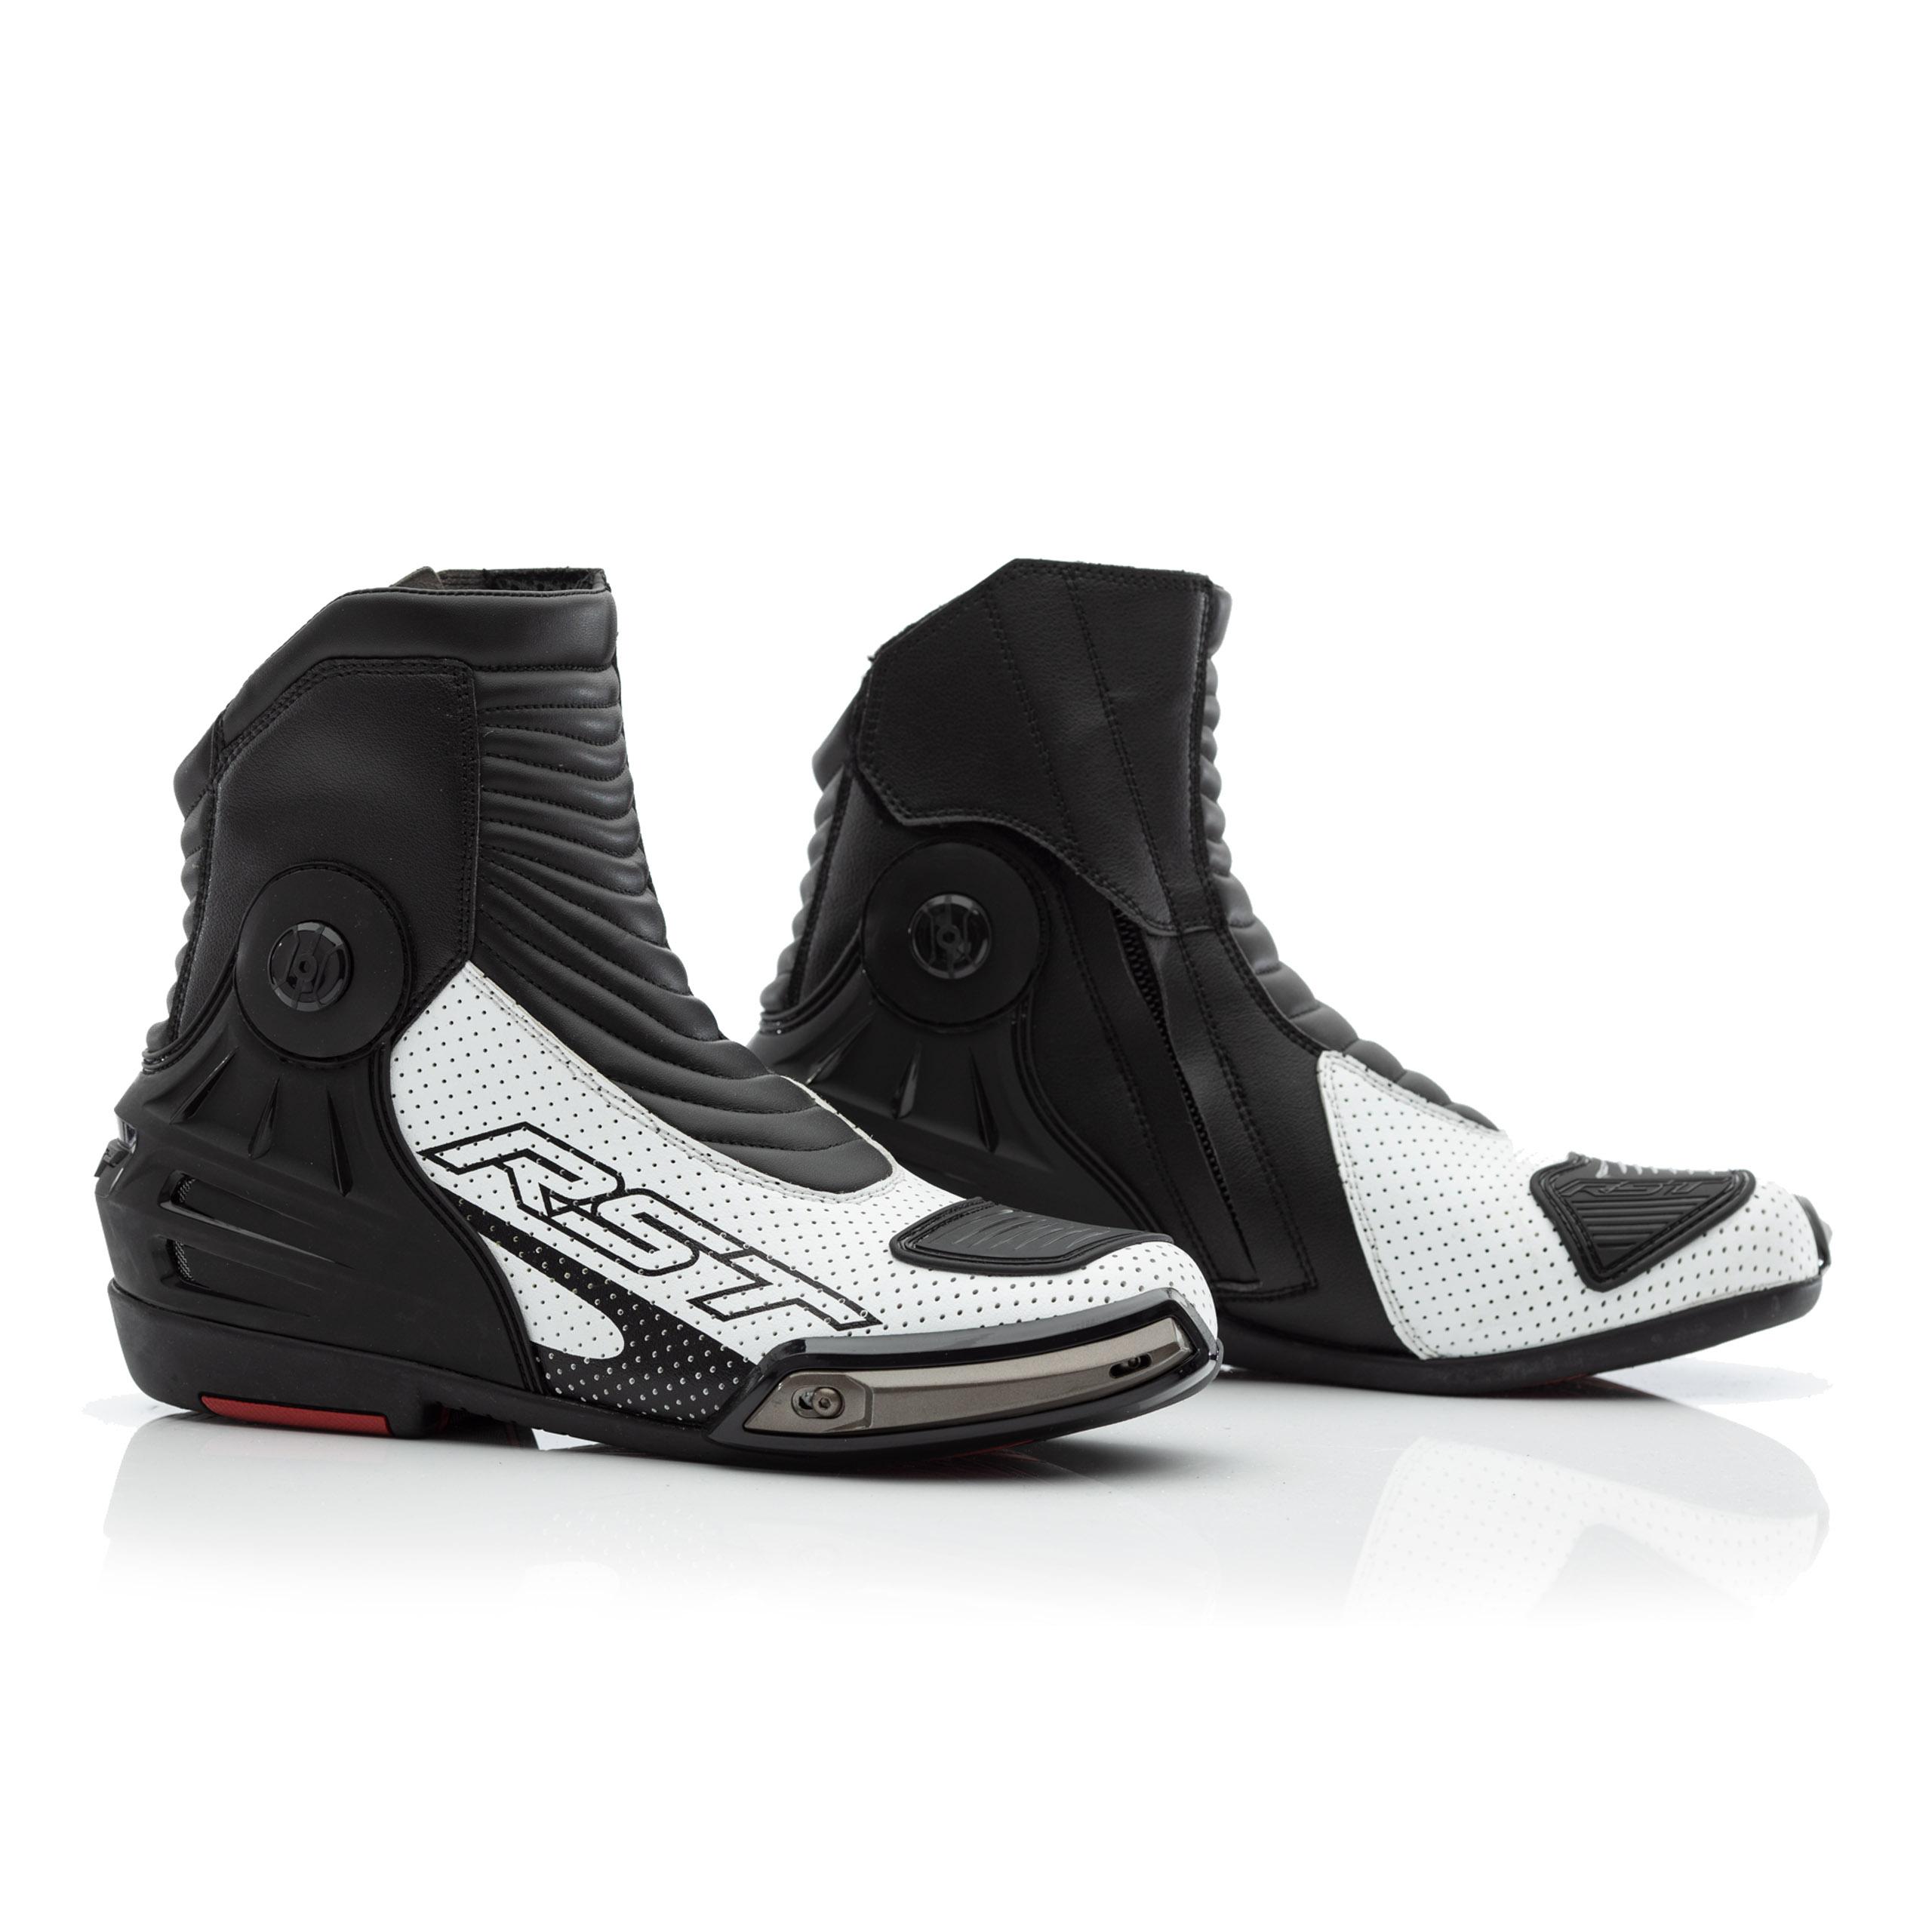 Buty Sportowe Rst Tractech Evo Iii Short Black White Gmoto Pl Sklep Motocyklowy